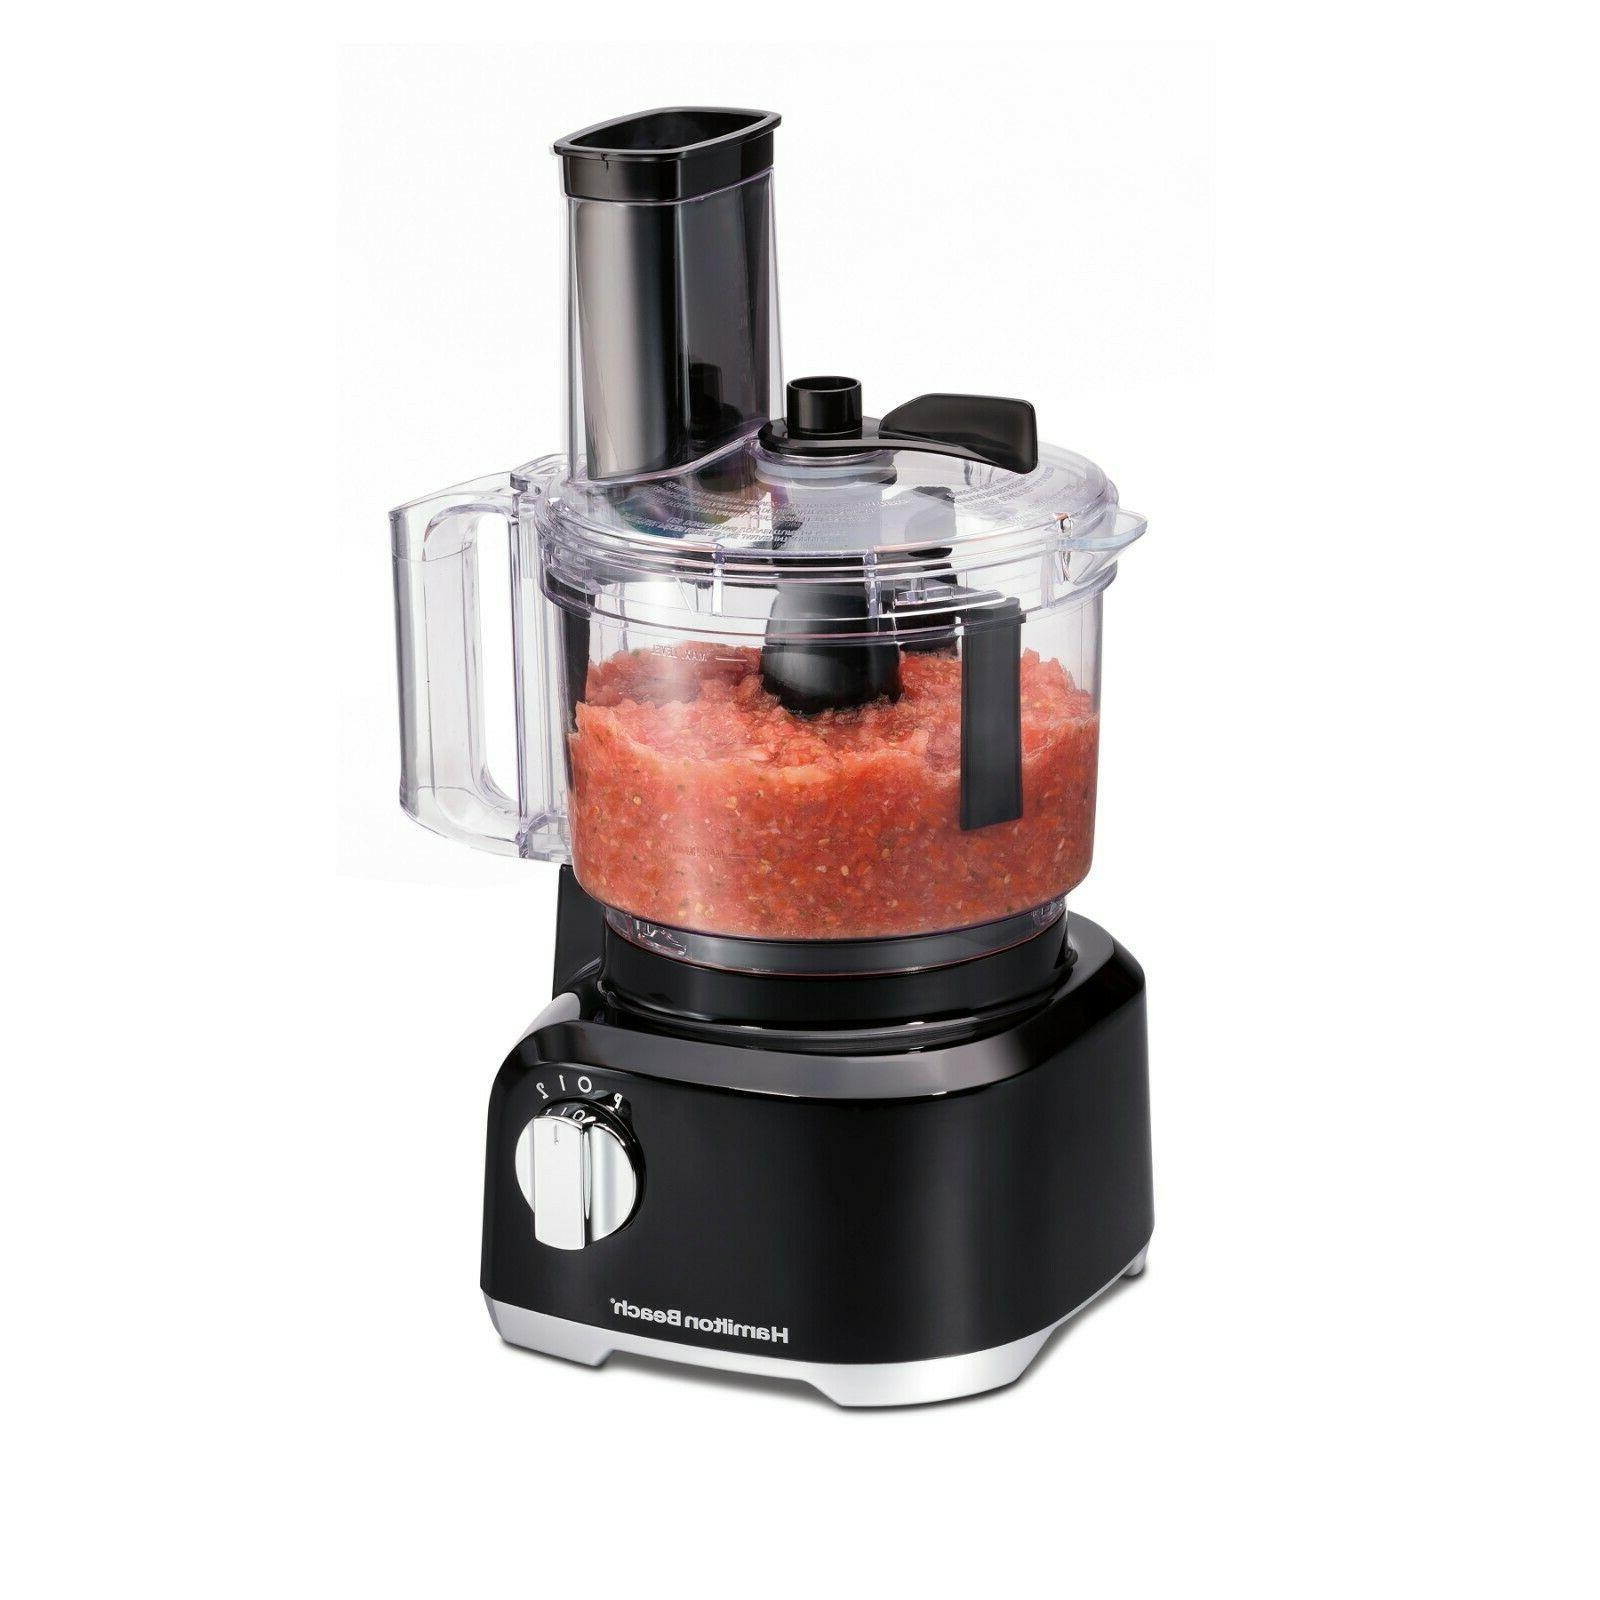 Bowl 8 Food Slicer Blender